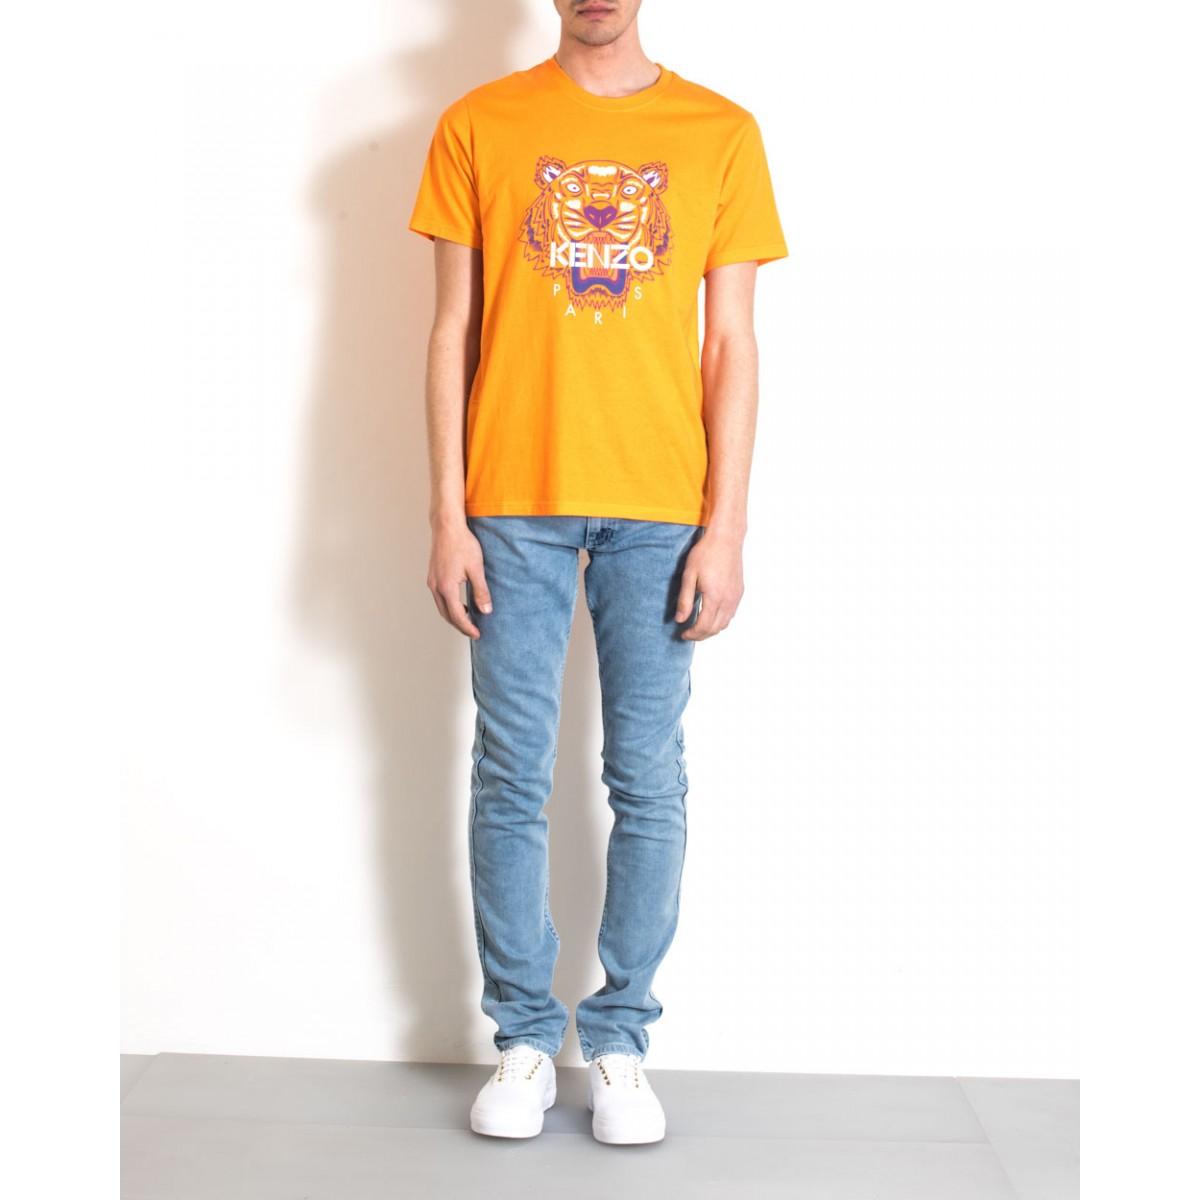 kenzo orange cotton t shirt tiger print in orange for men. Black Bedroom Furniture Sets. Home Design Ideas